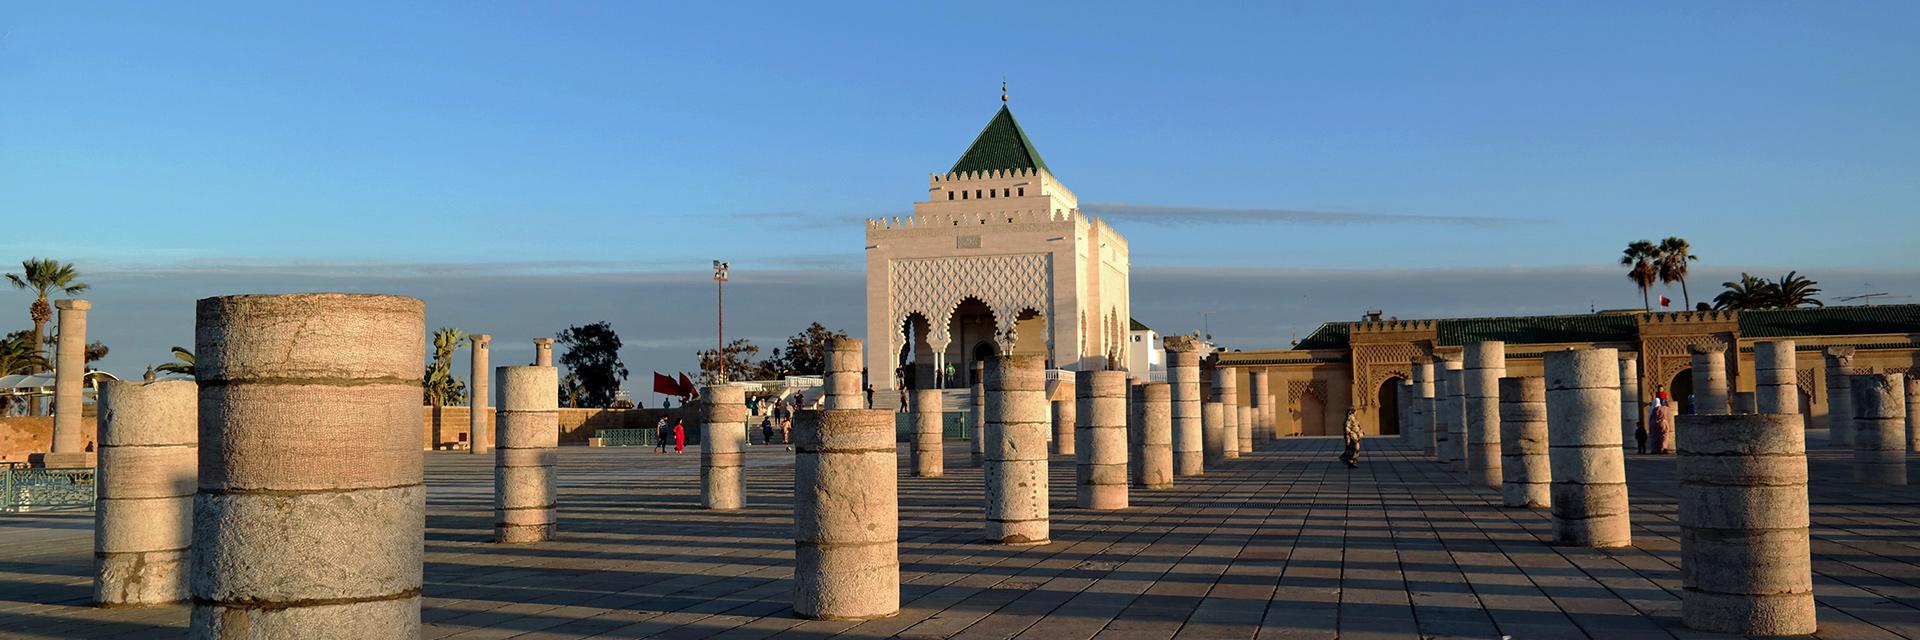 Transfert aéroport Rabat